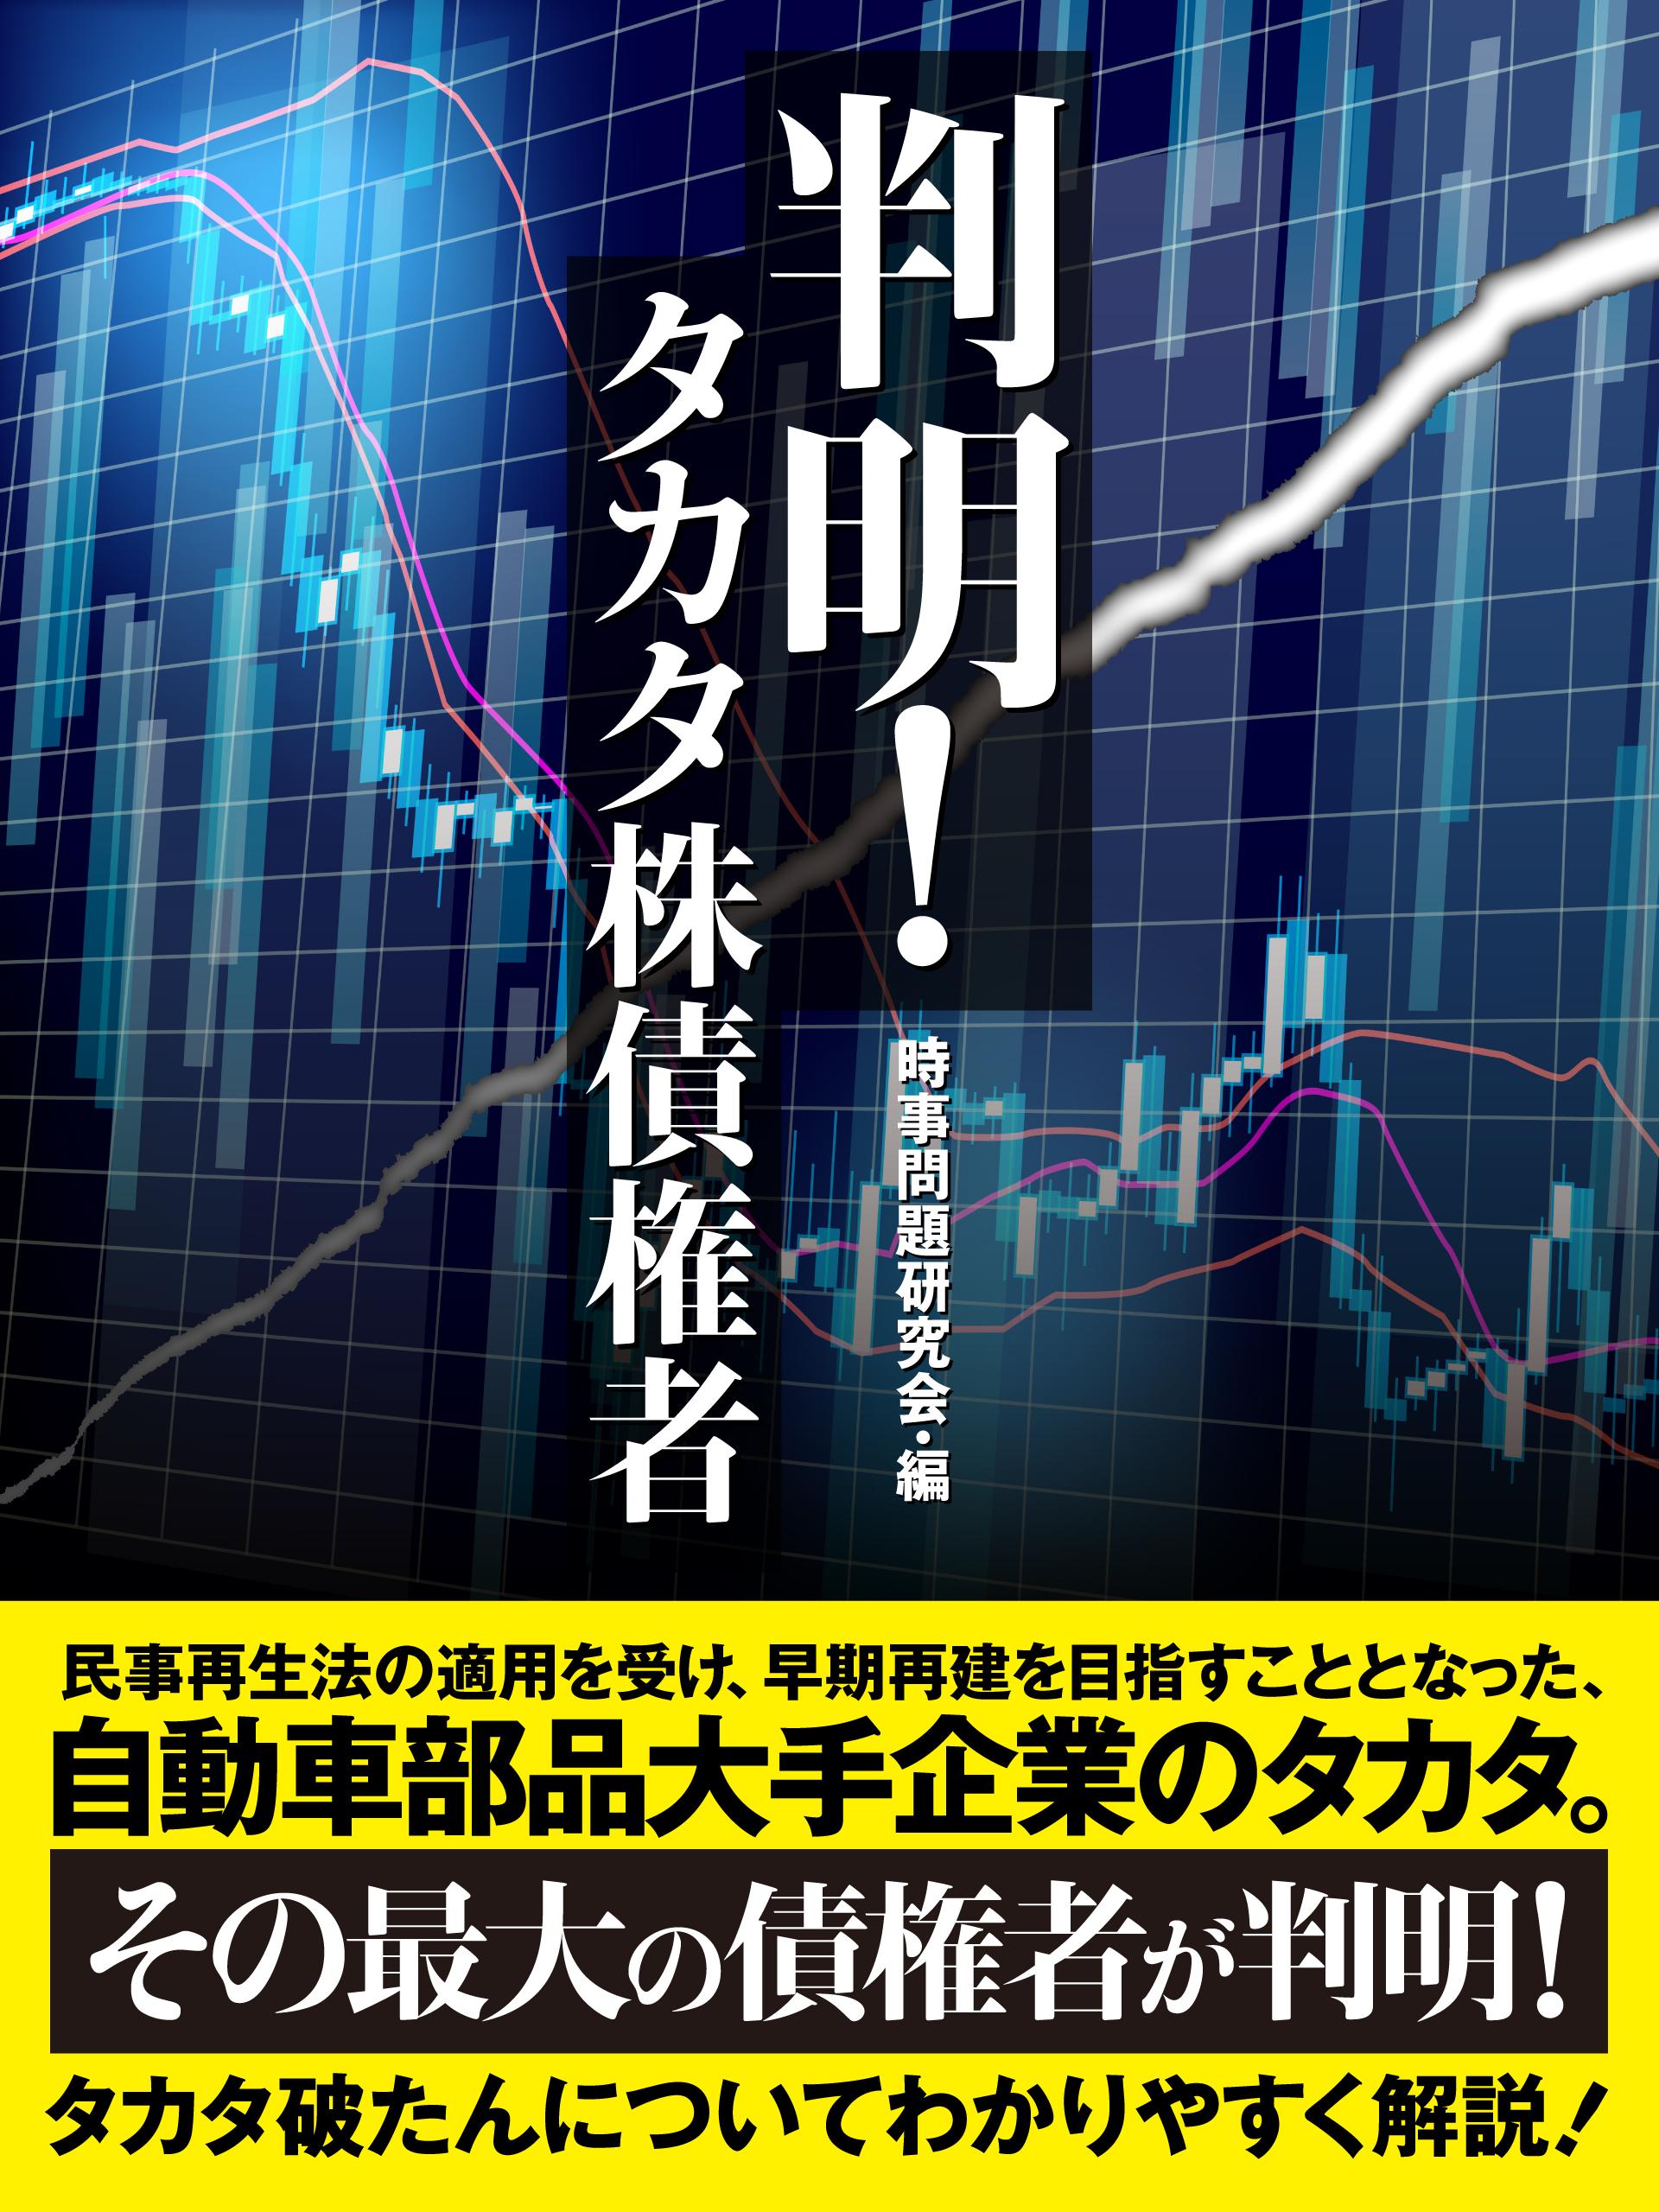 判明! タカタ株債権者